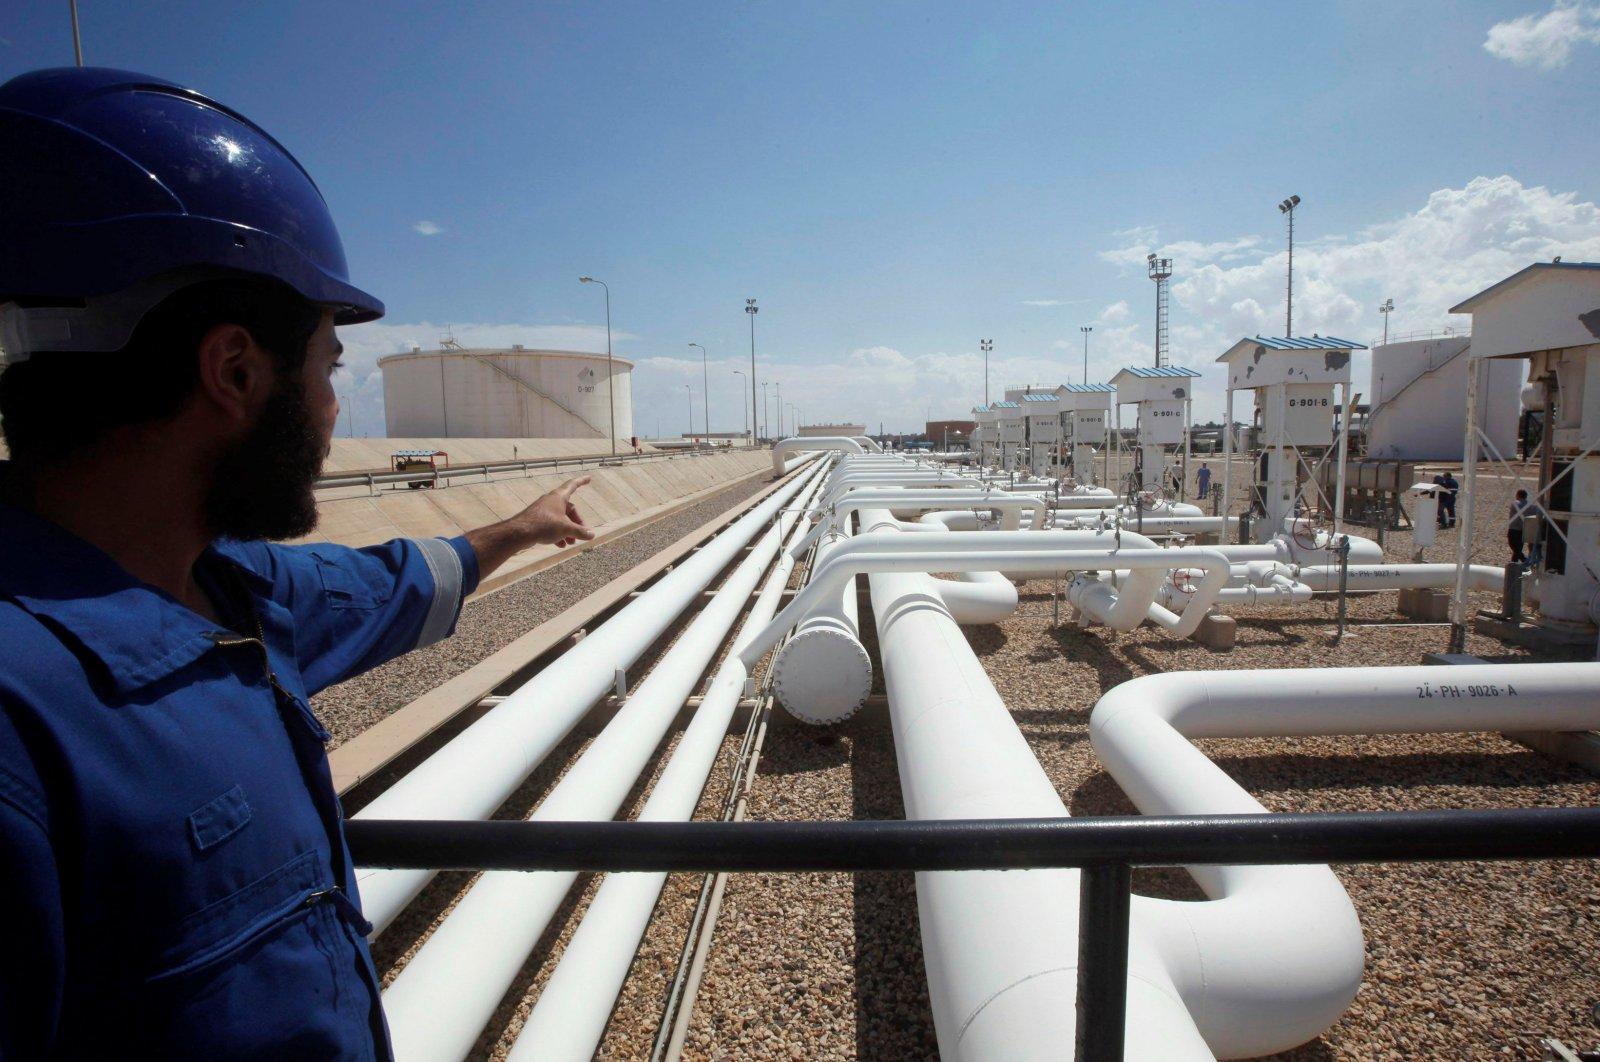 A worker gestures toward pipelines at Zawiya oil refinery, Zawiya, Libya, Aug. 22, 2013. (Reuters Photo)